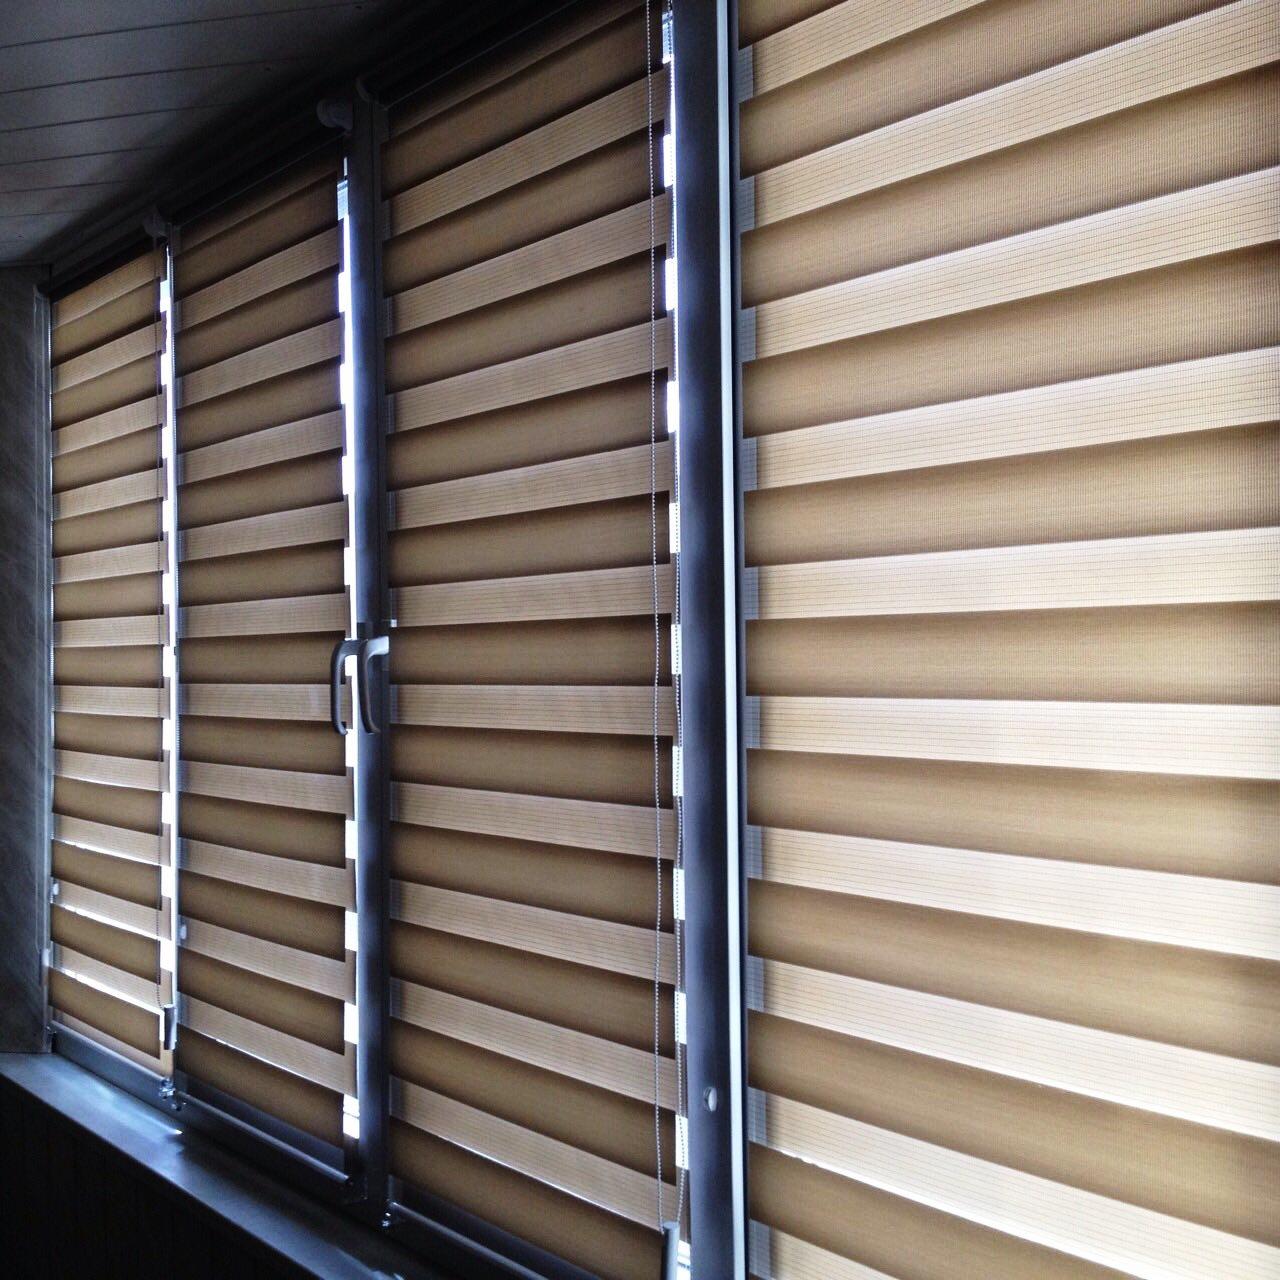 коричнево-белая рулонная штора зебра на лоджии - закрыто